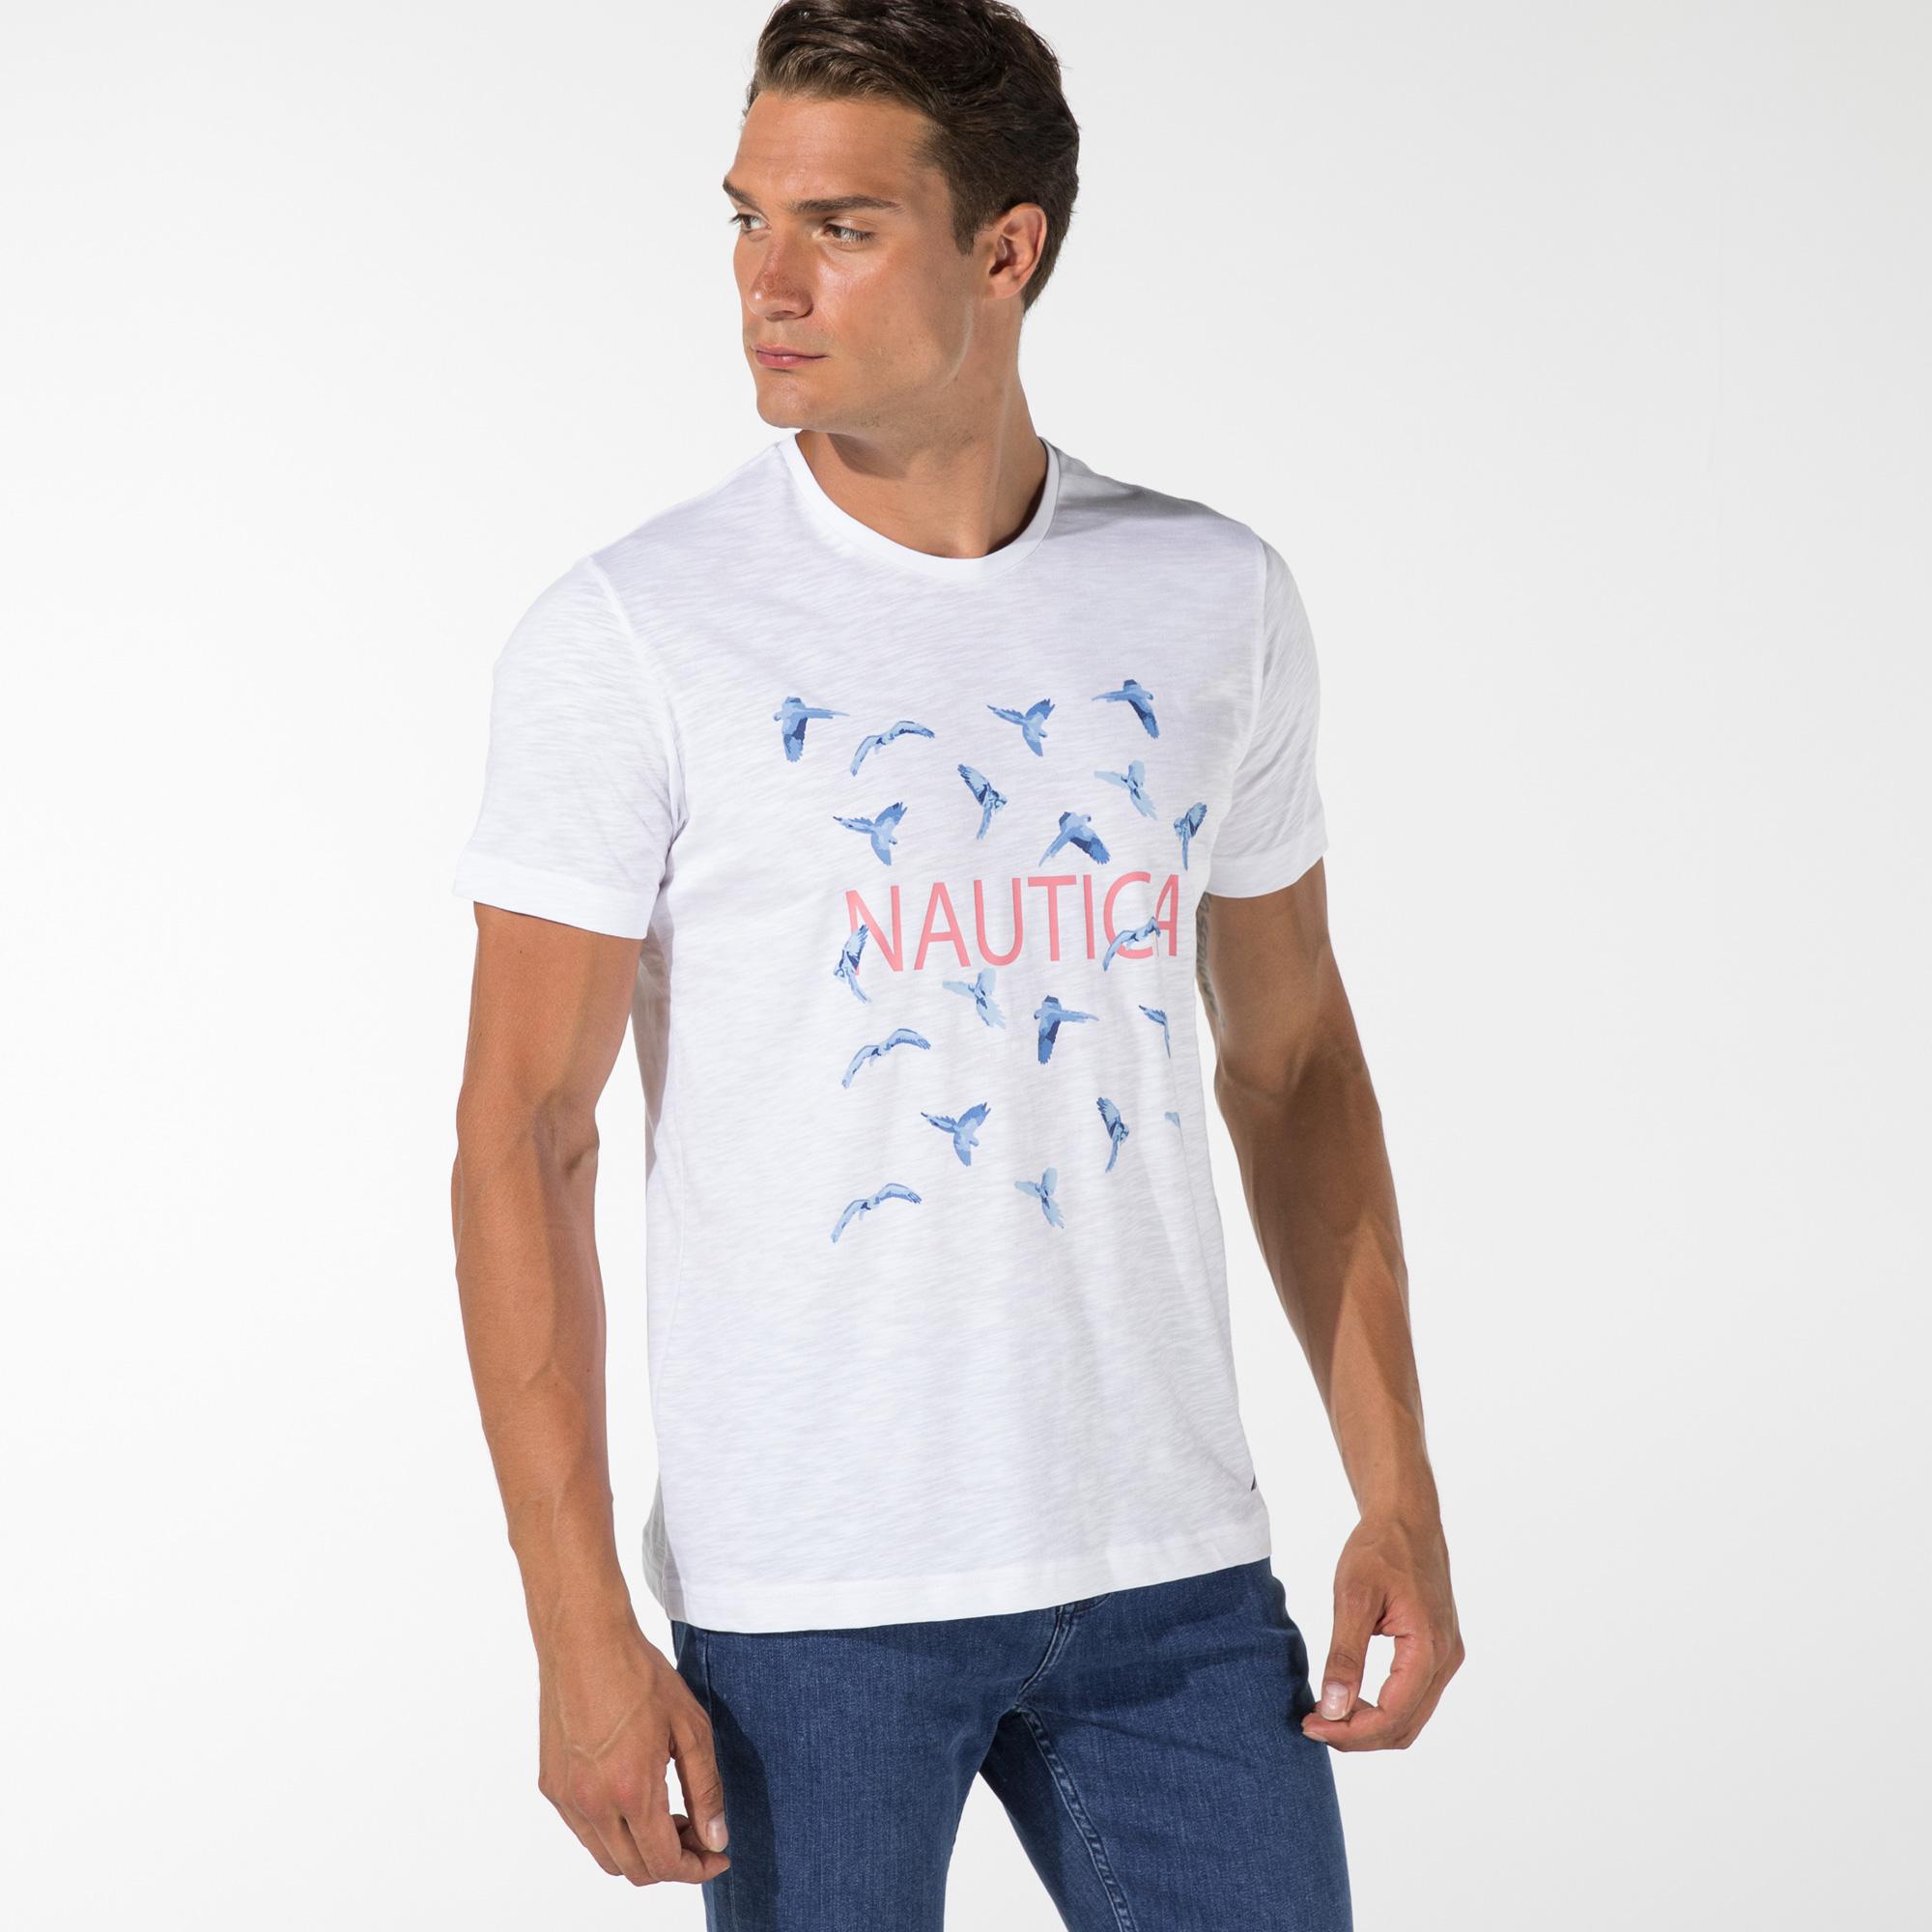 NAUTICA ERKEK BEYAZ BASKILI T-SHIRT